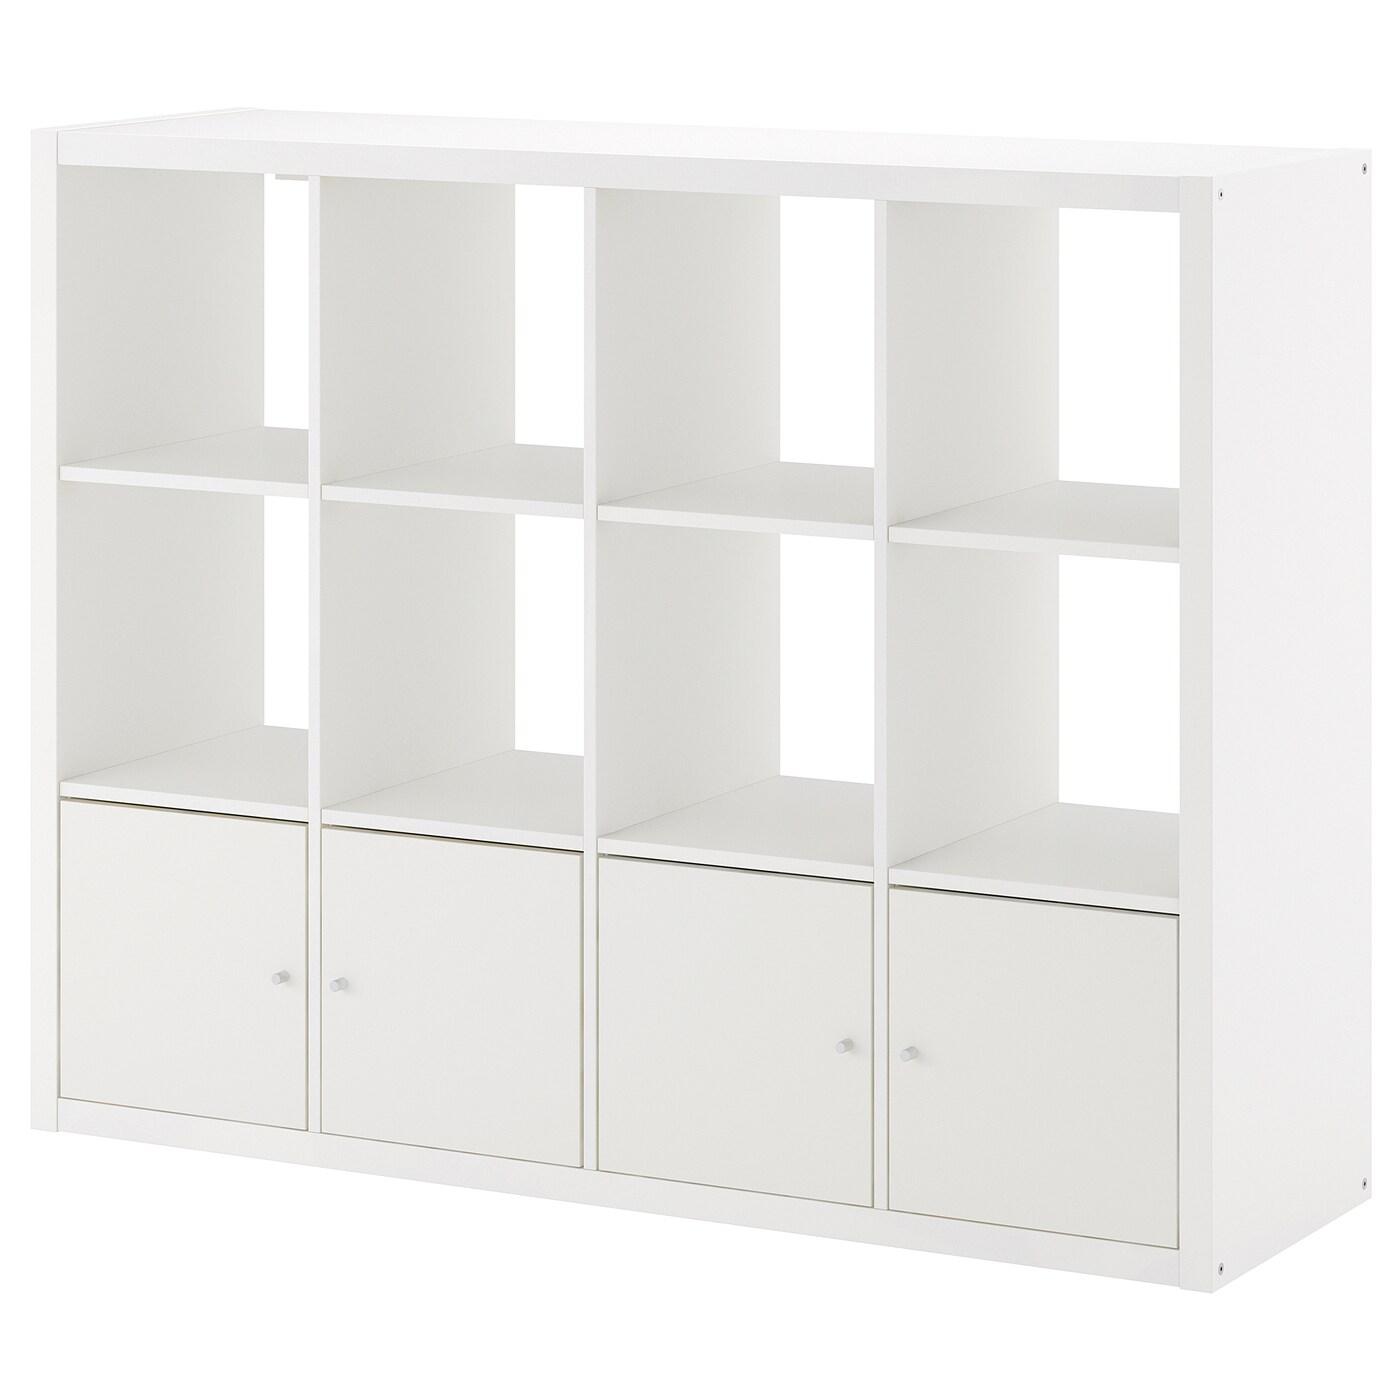 KALLAX Regal mit 4 Einsätzen weiß IKEA Österreich